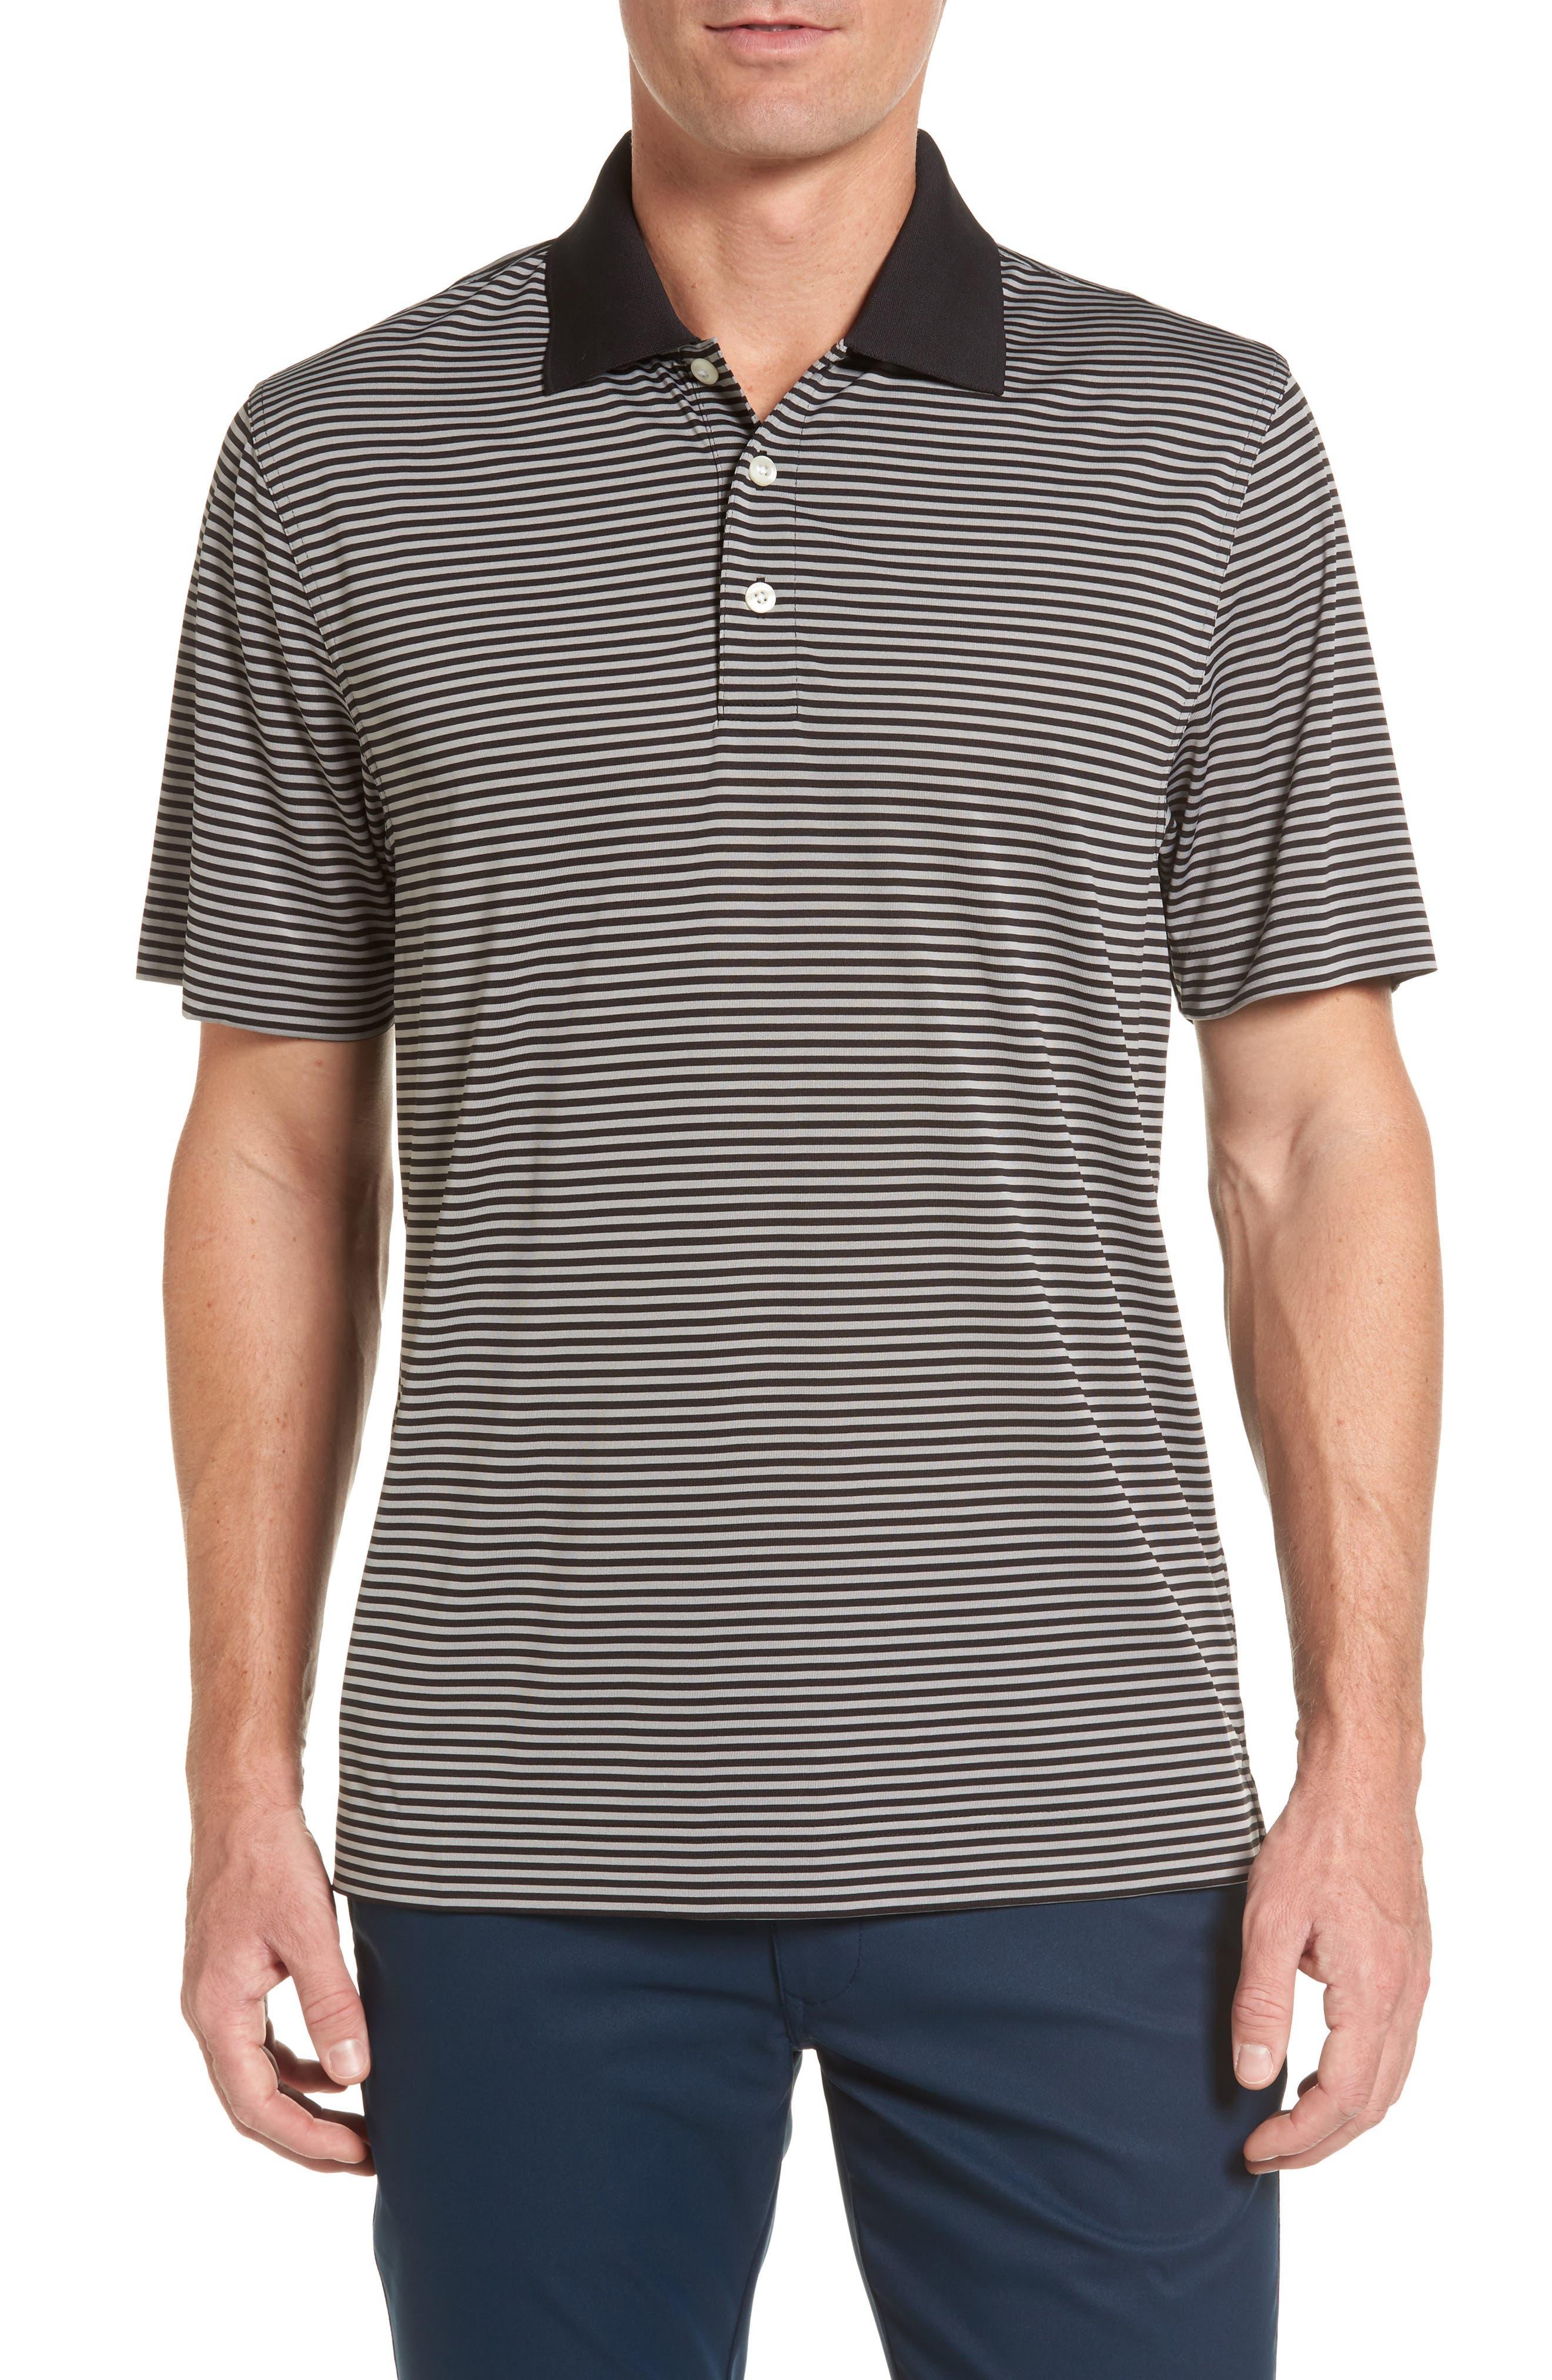 Trevor DryTec Moisture Wicking Golf Polo,                             Main thumbnail 1, color,                             BLACK/ OXIDE